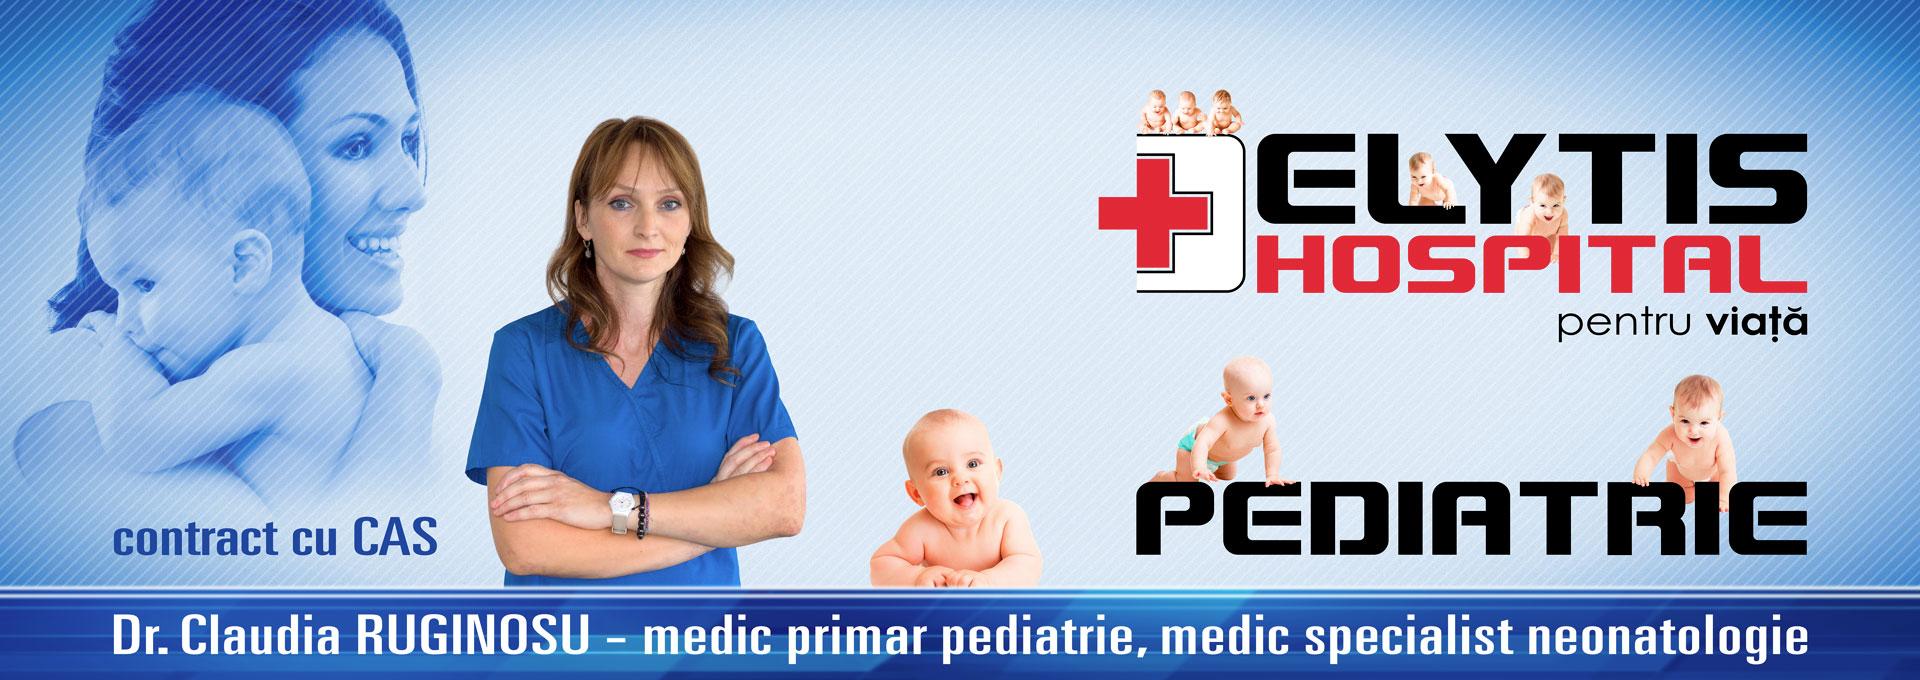 Pediatrie-www_final